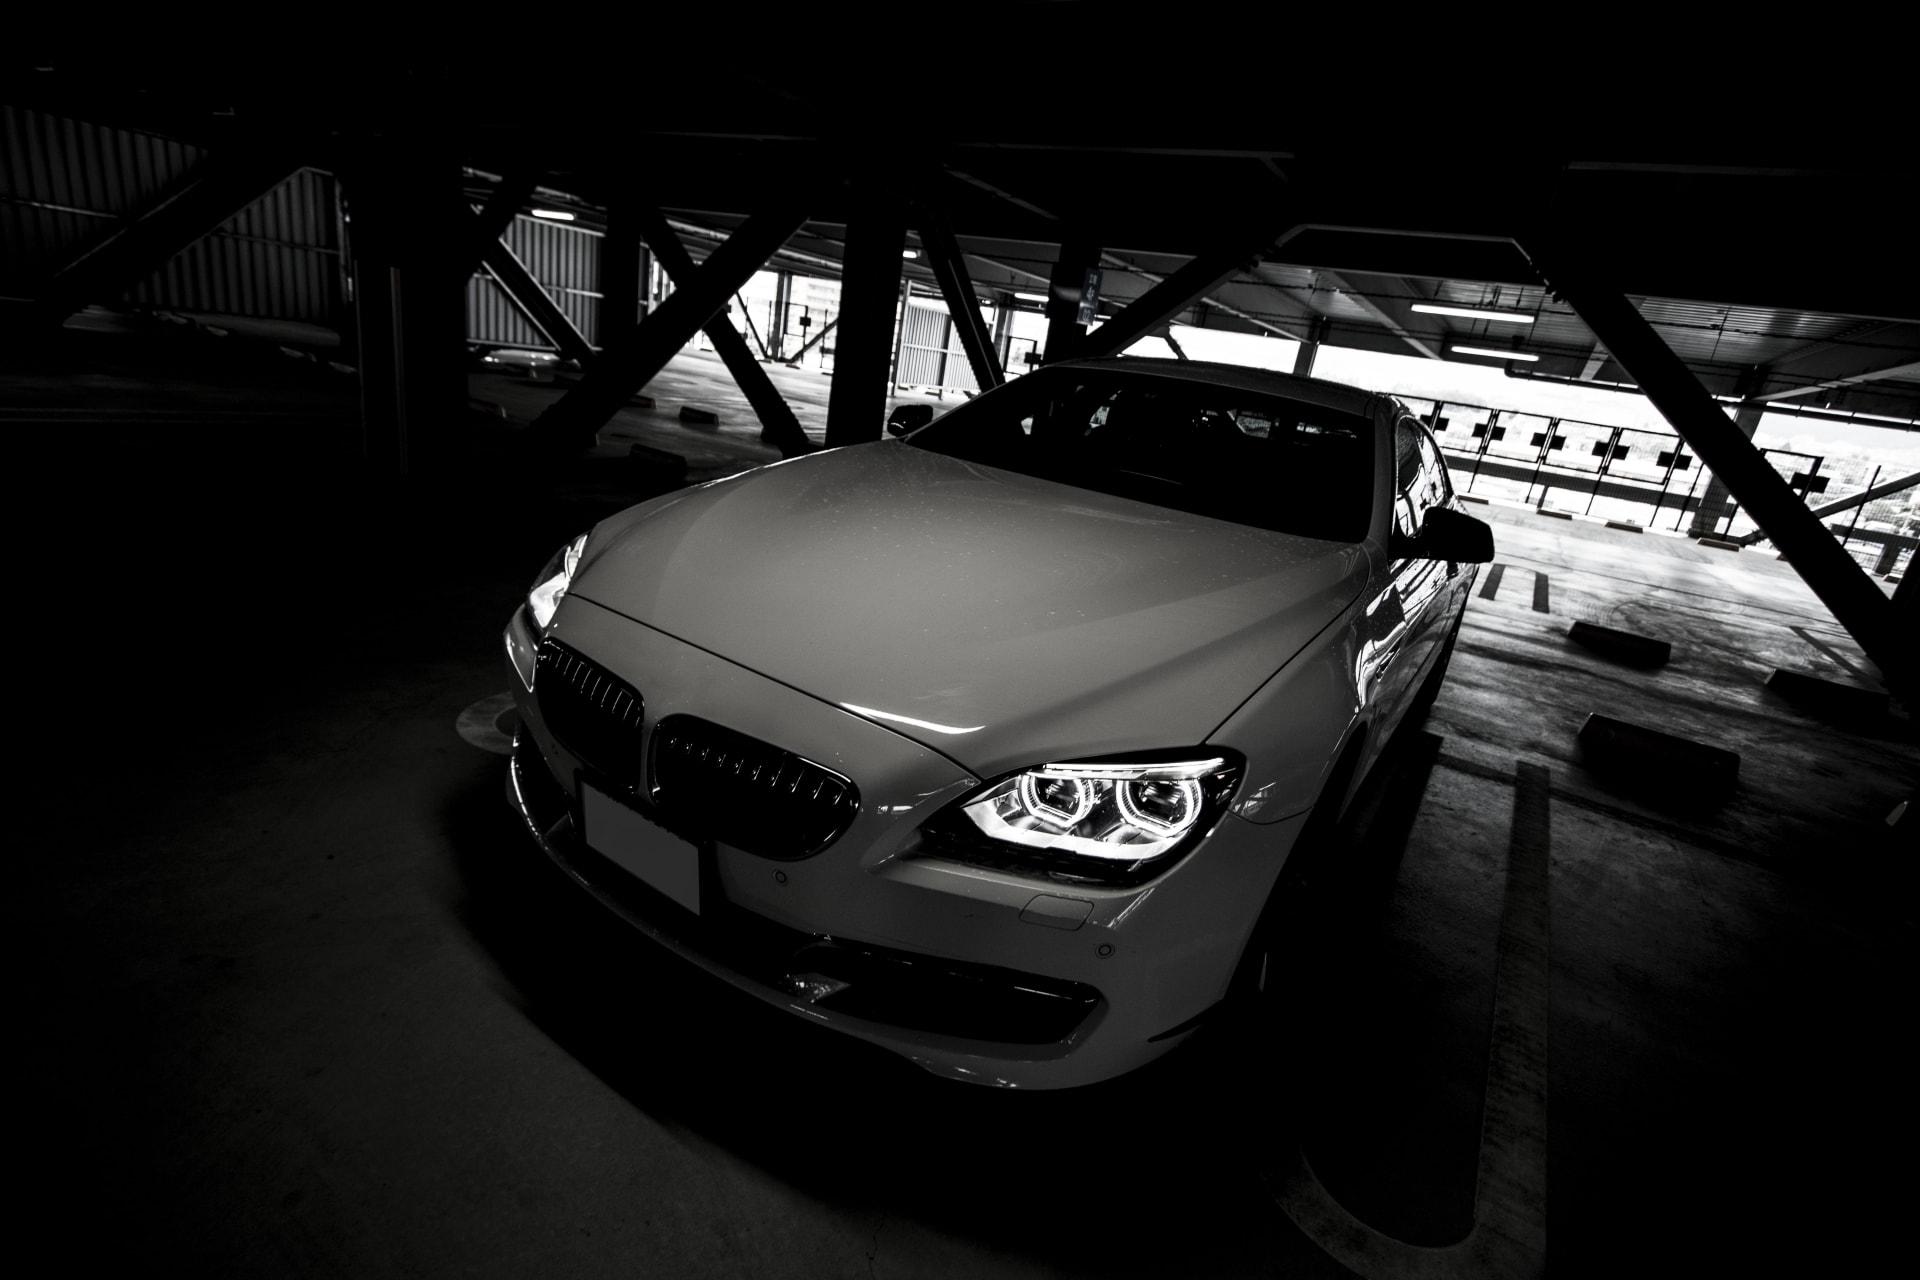 【自動車保険】対物賠償責任保険の保険金額の決め方